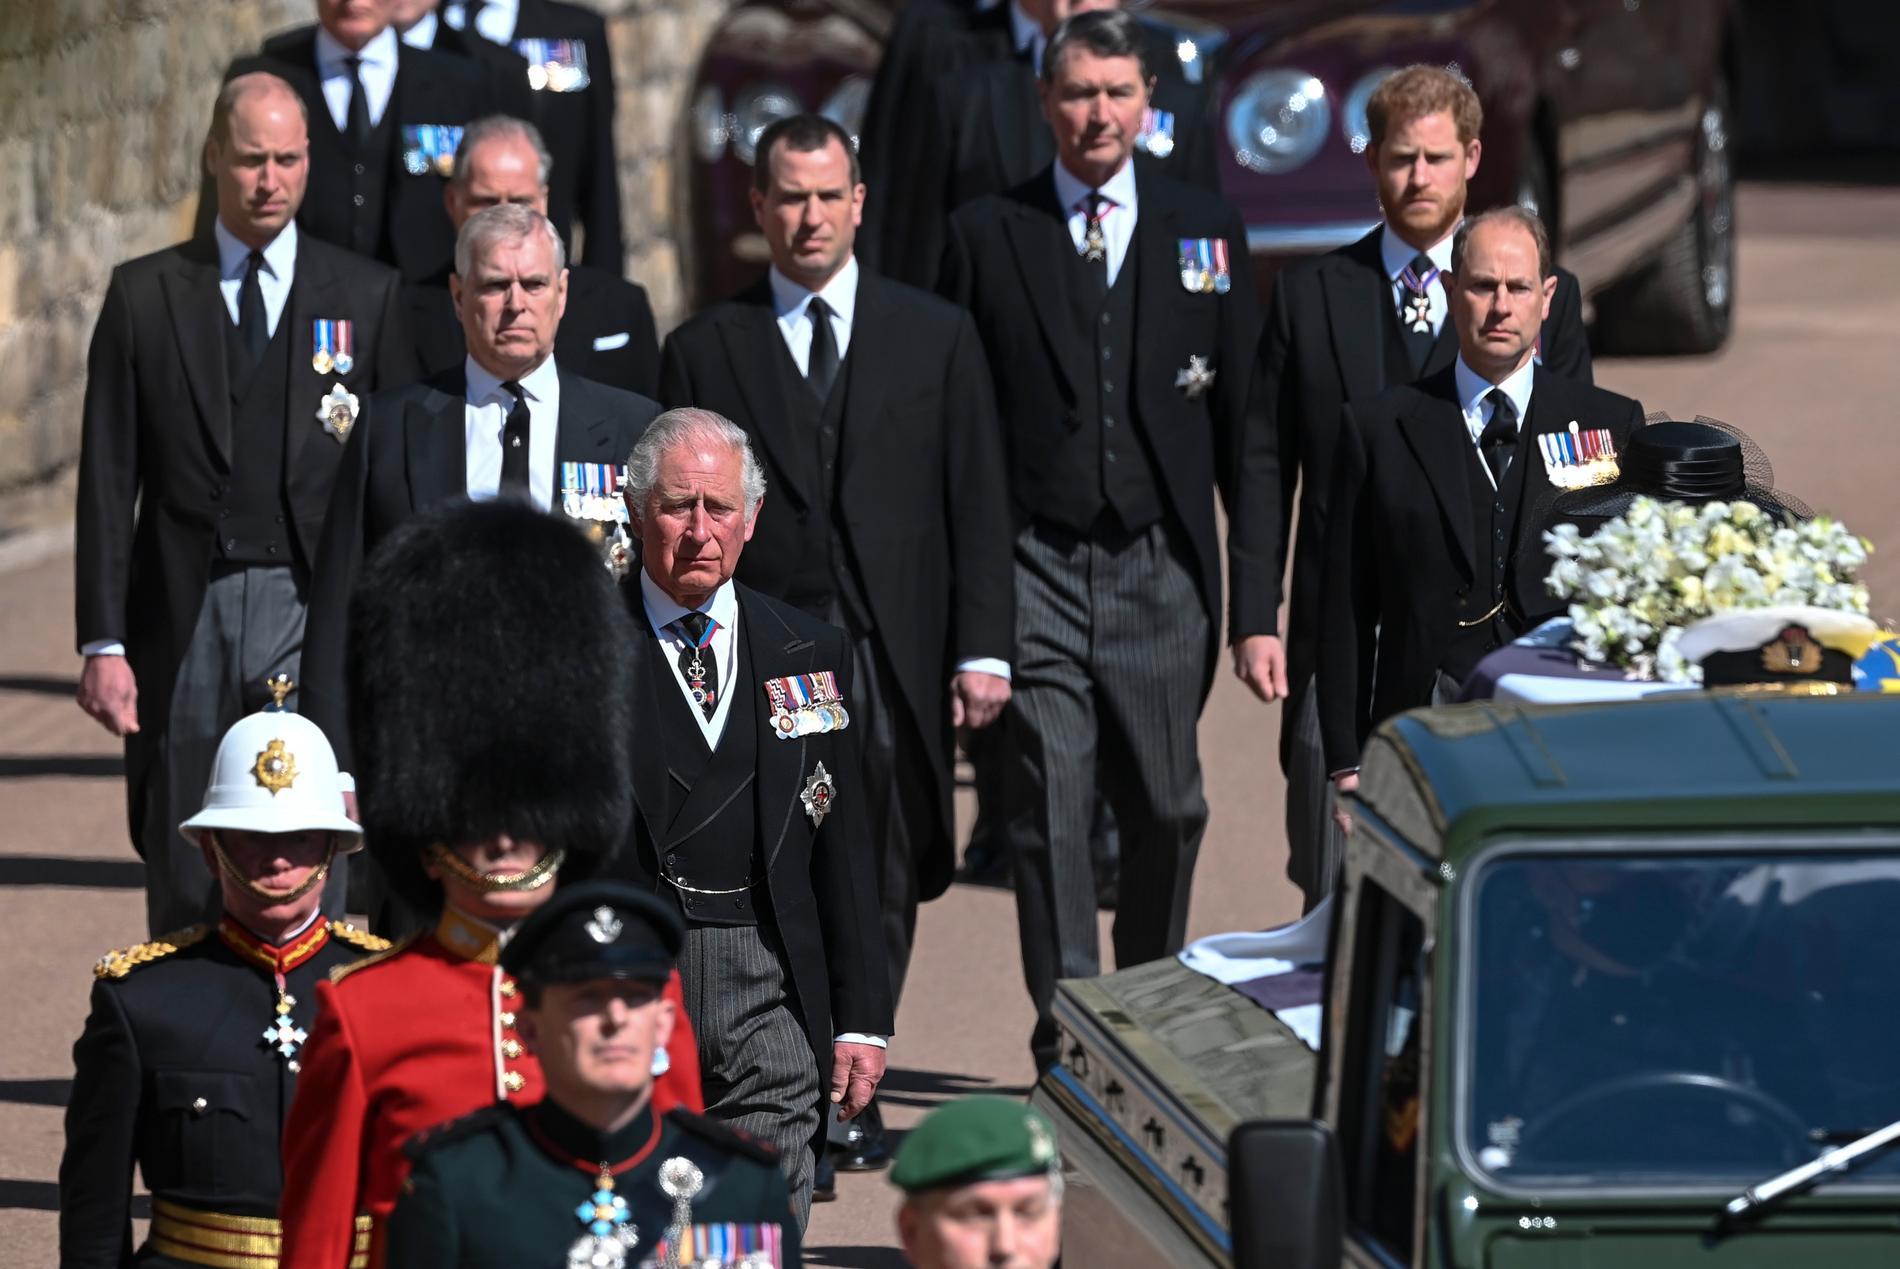 De brittiska kungligheterna, prins Philips familj, promenerade efter den specialgjorda Land Rover som förde kistan till kapellet.